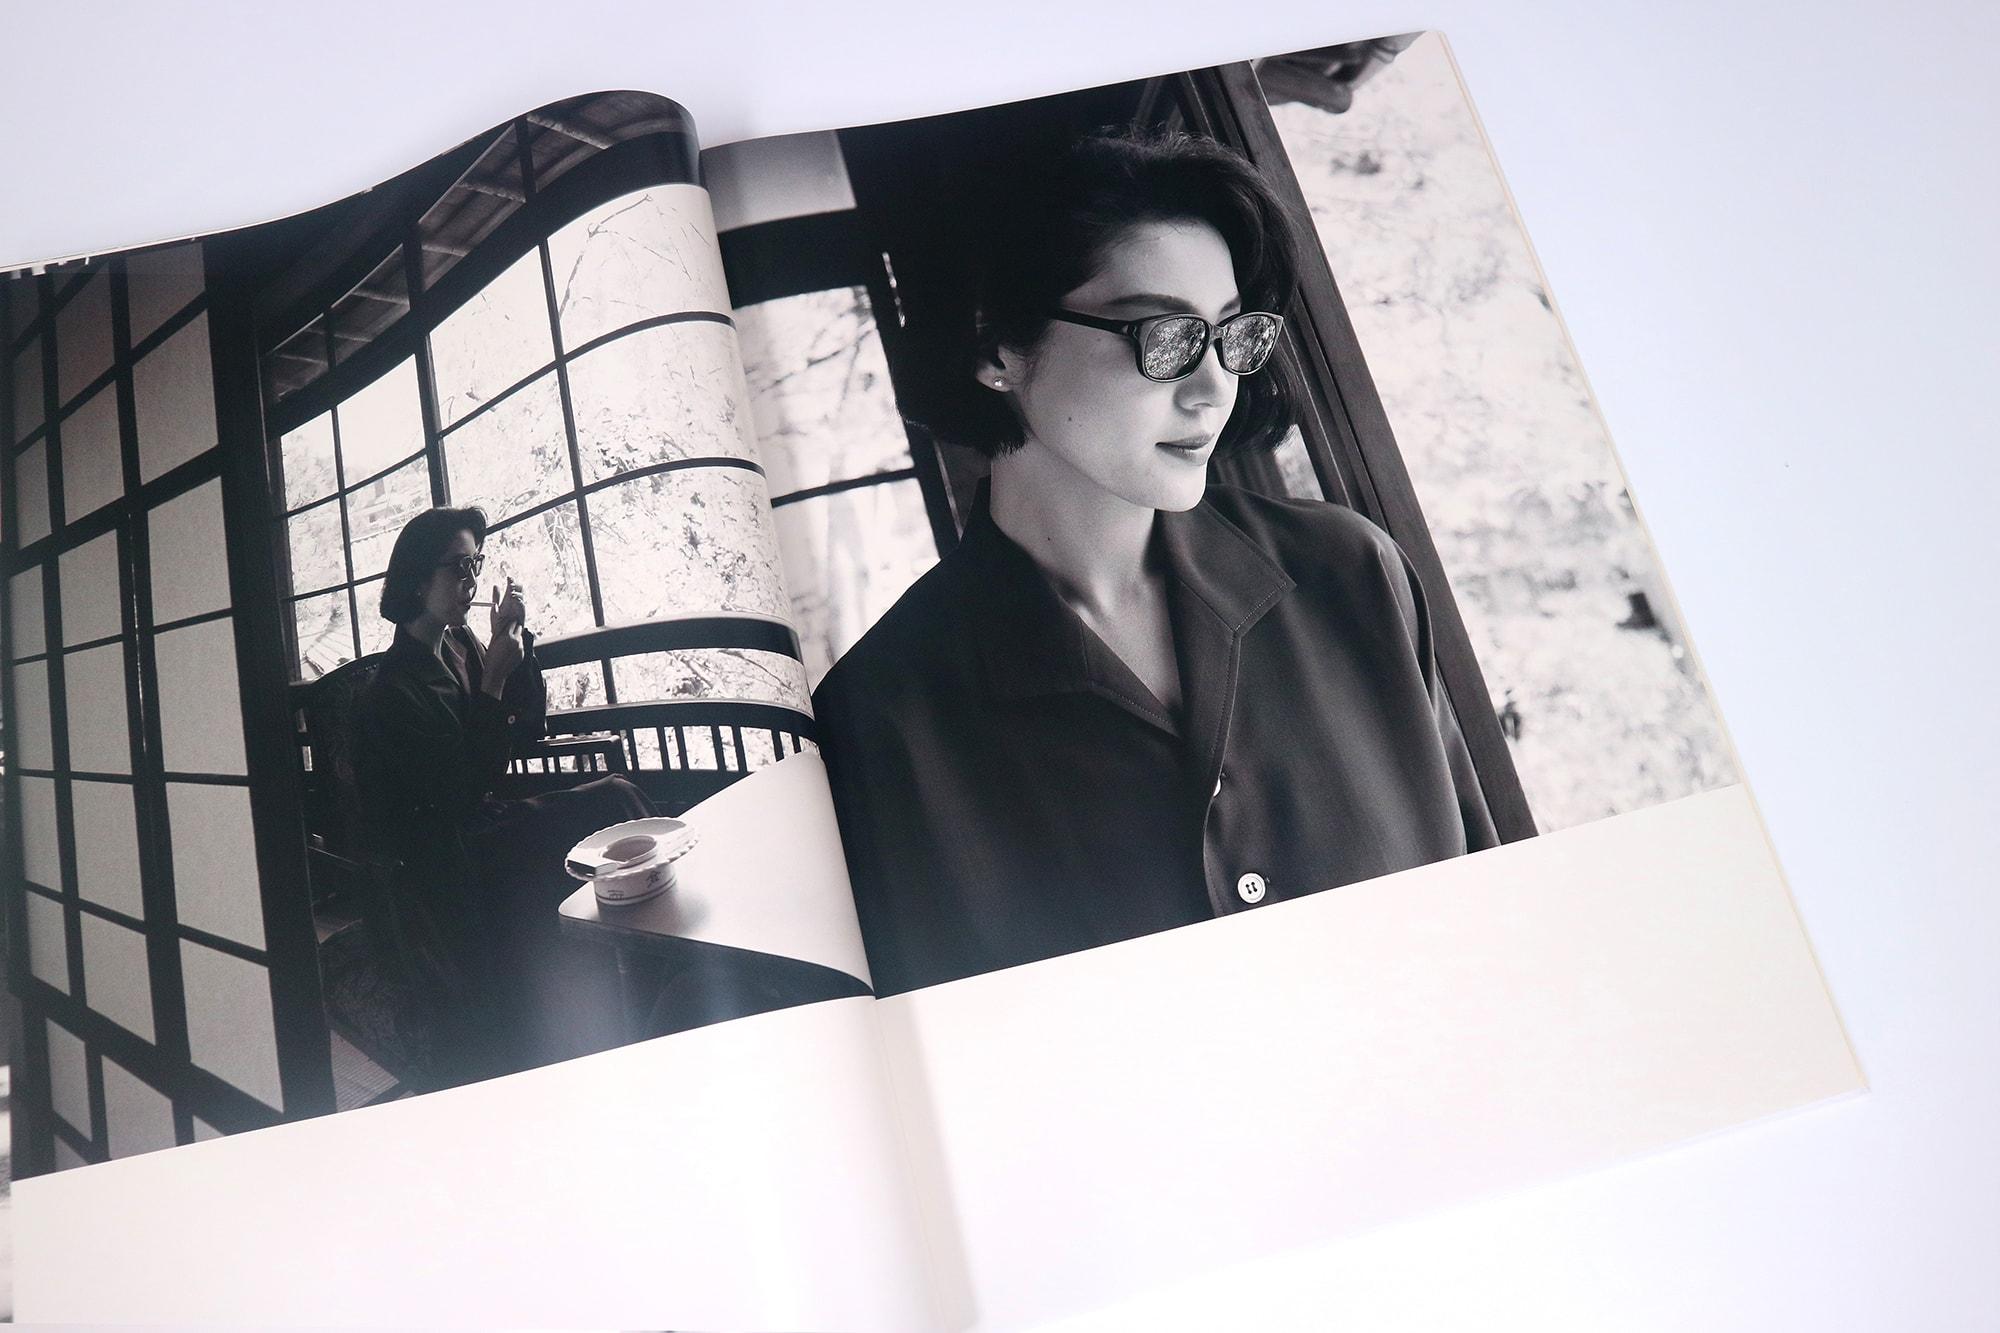 書店員がピックアップする1月のおすすめ写真集【銀座 蔦屋書店編】 | 篠山紀信「BIG-BOOK『water fruit』」